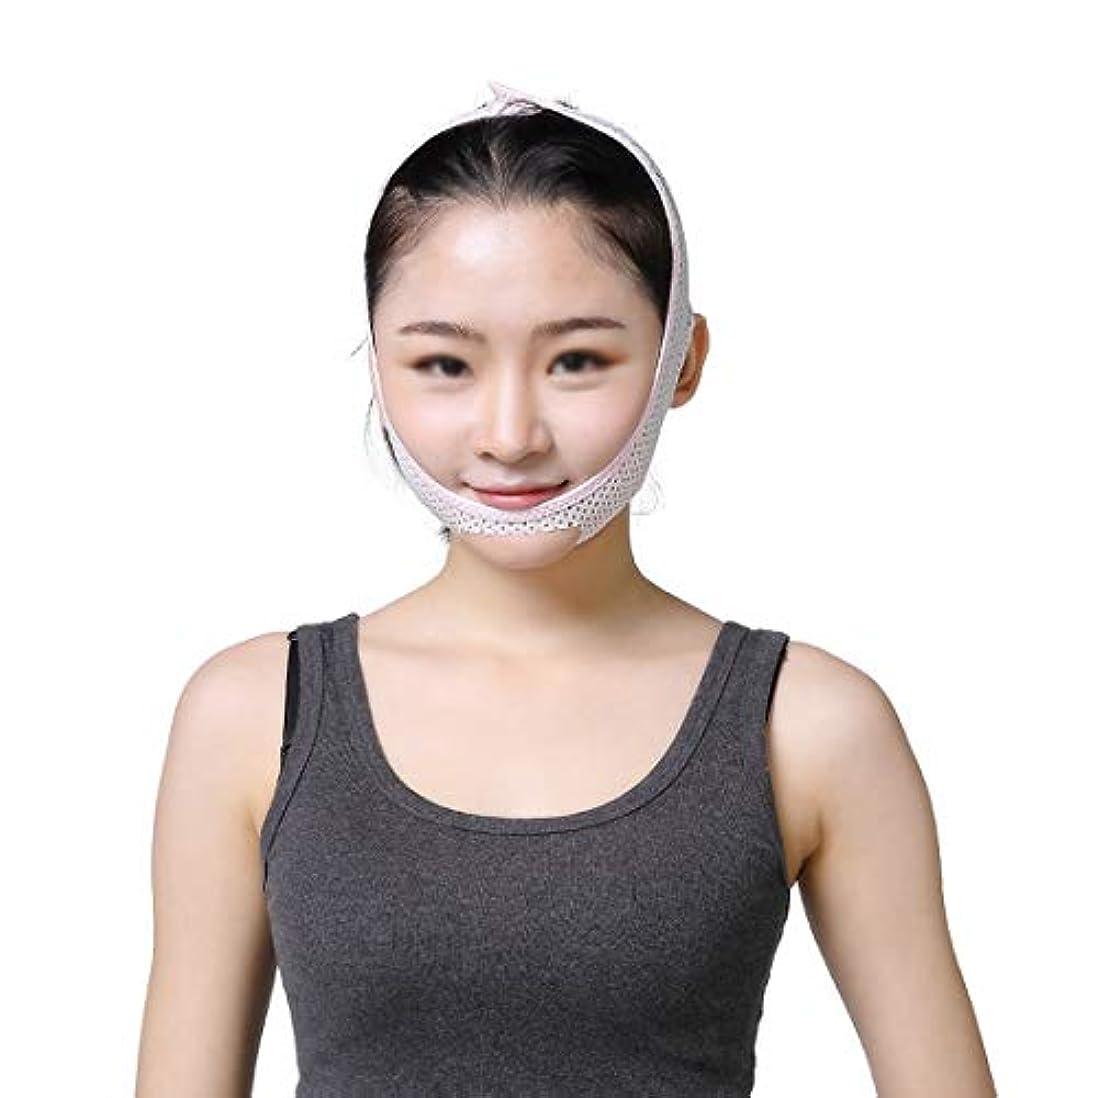 コテージクッション早熟ZWBD フェイスマスク, 薄い顔包帯美容機器持ち上がる引き締めダブルチン判決V顔の引き締め痩身包帯引き締めフェイシャルマッサージ (Size : L)